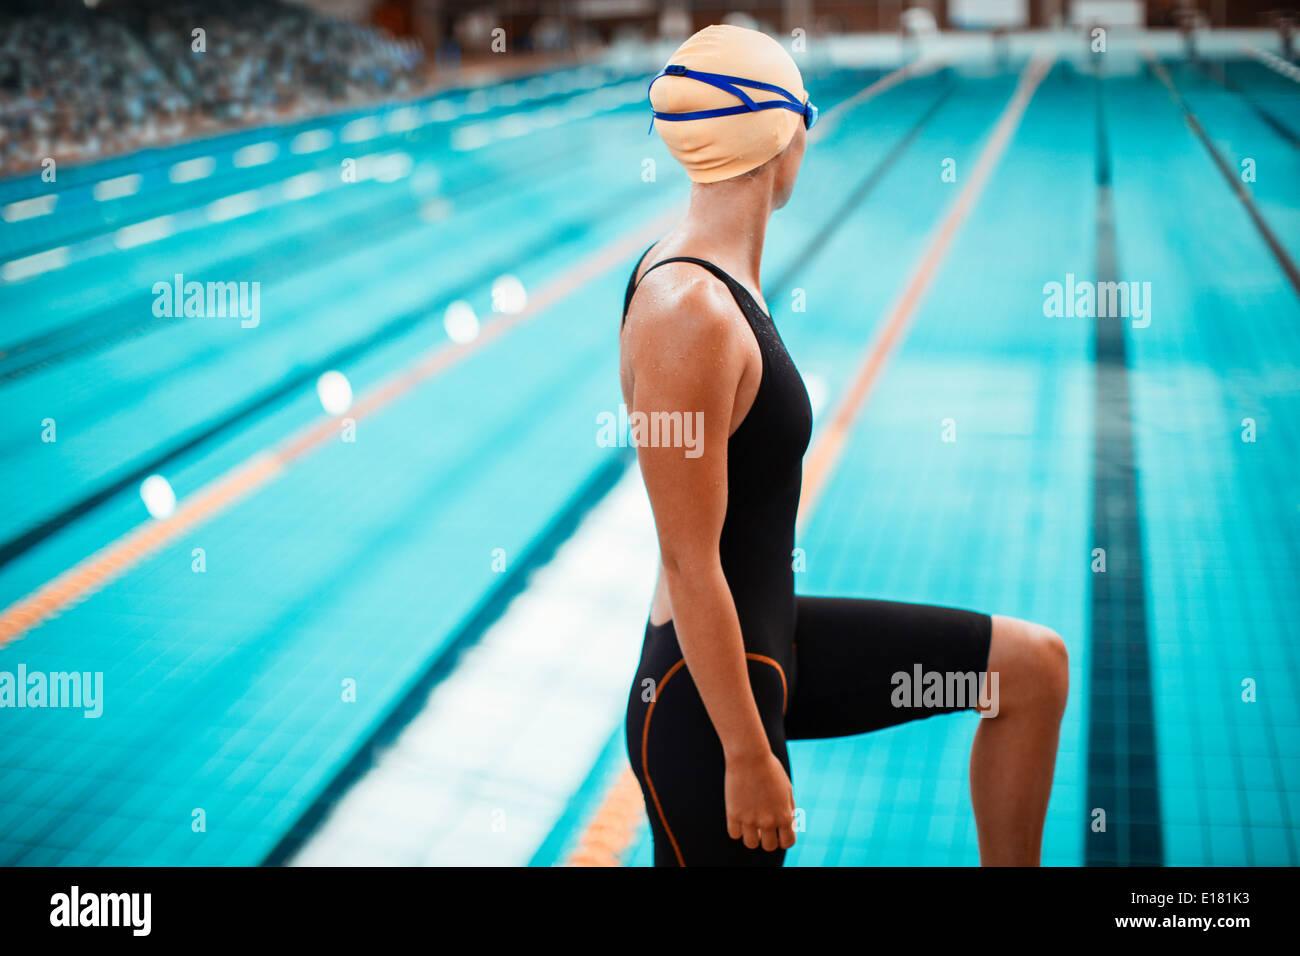 Nuotatore in piedi sul bordo della piscina Immagini Stock